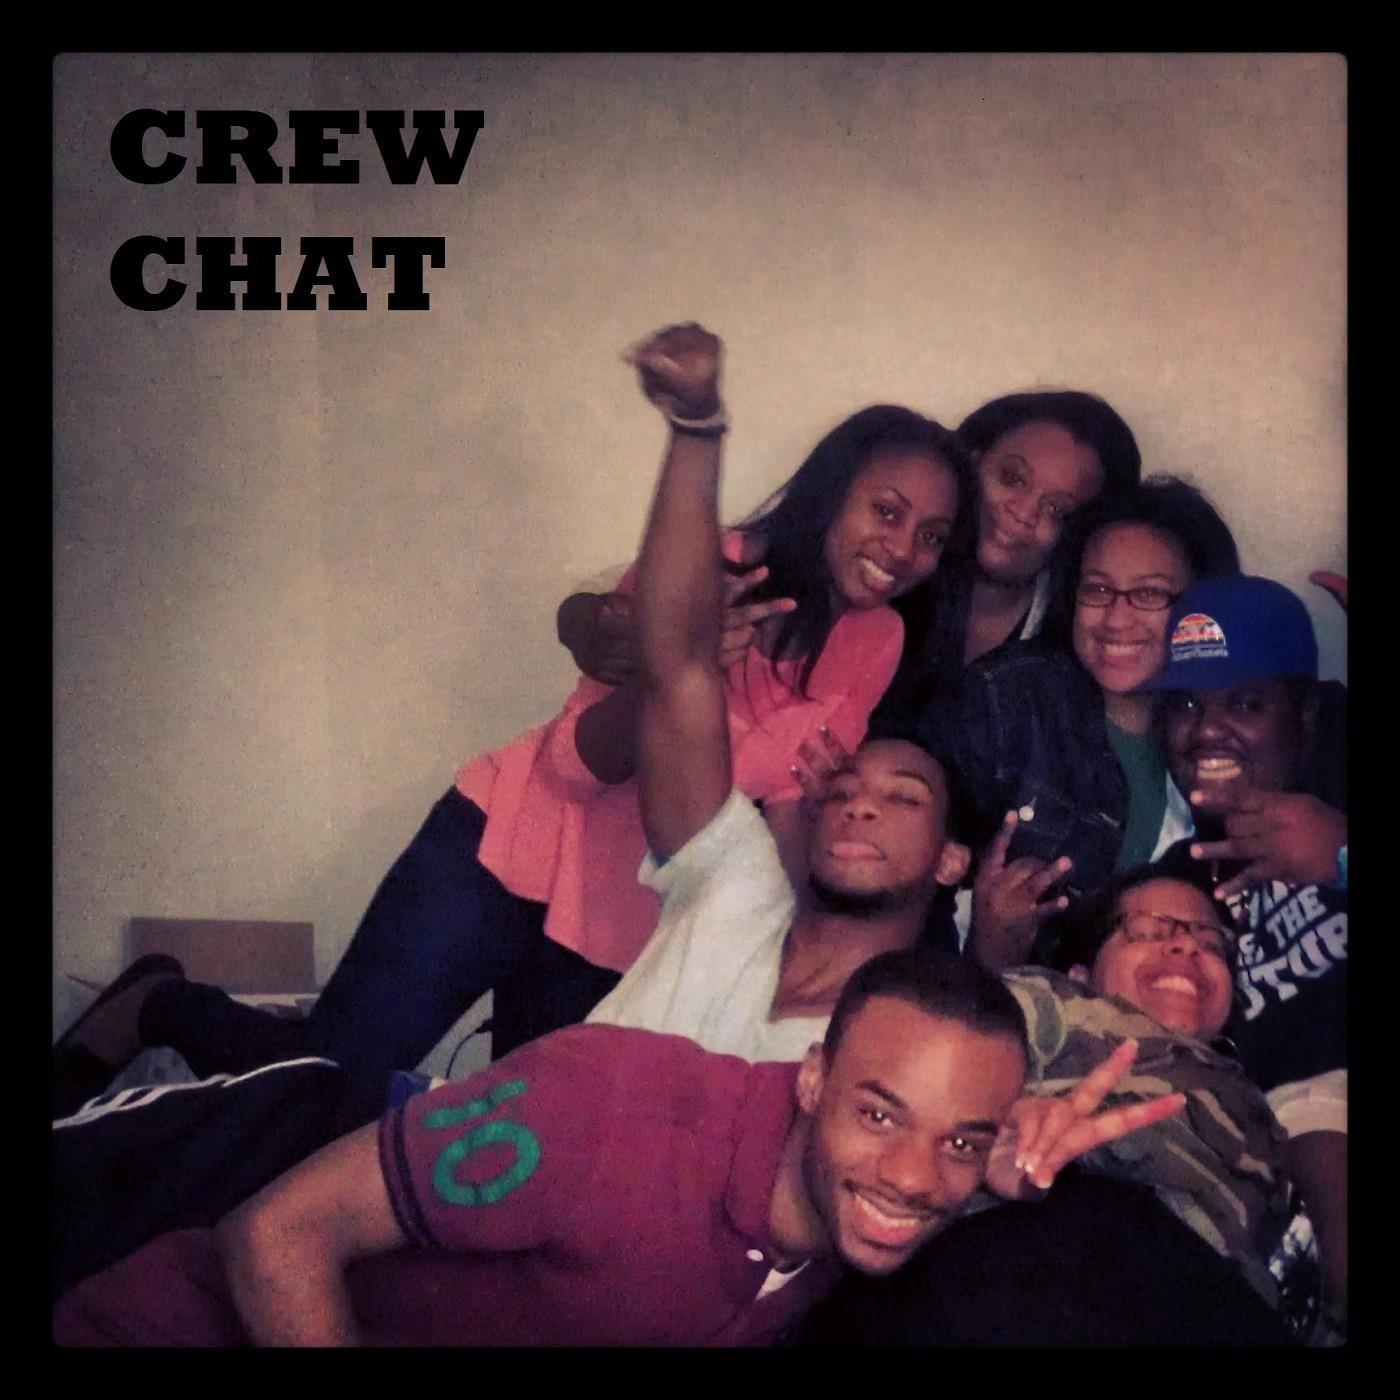 CREW CHAT